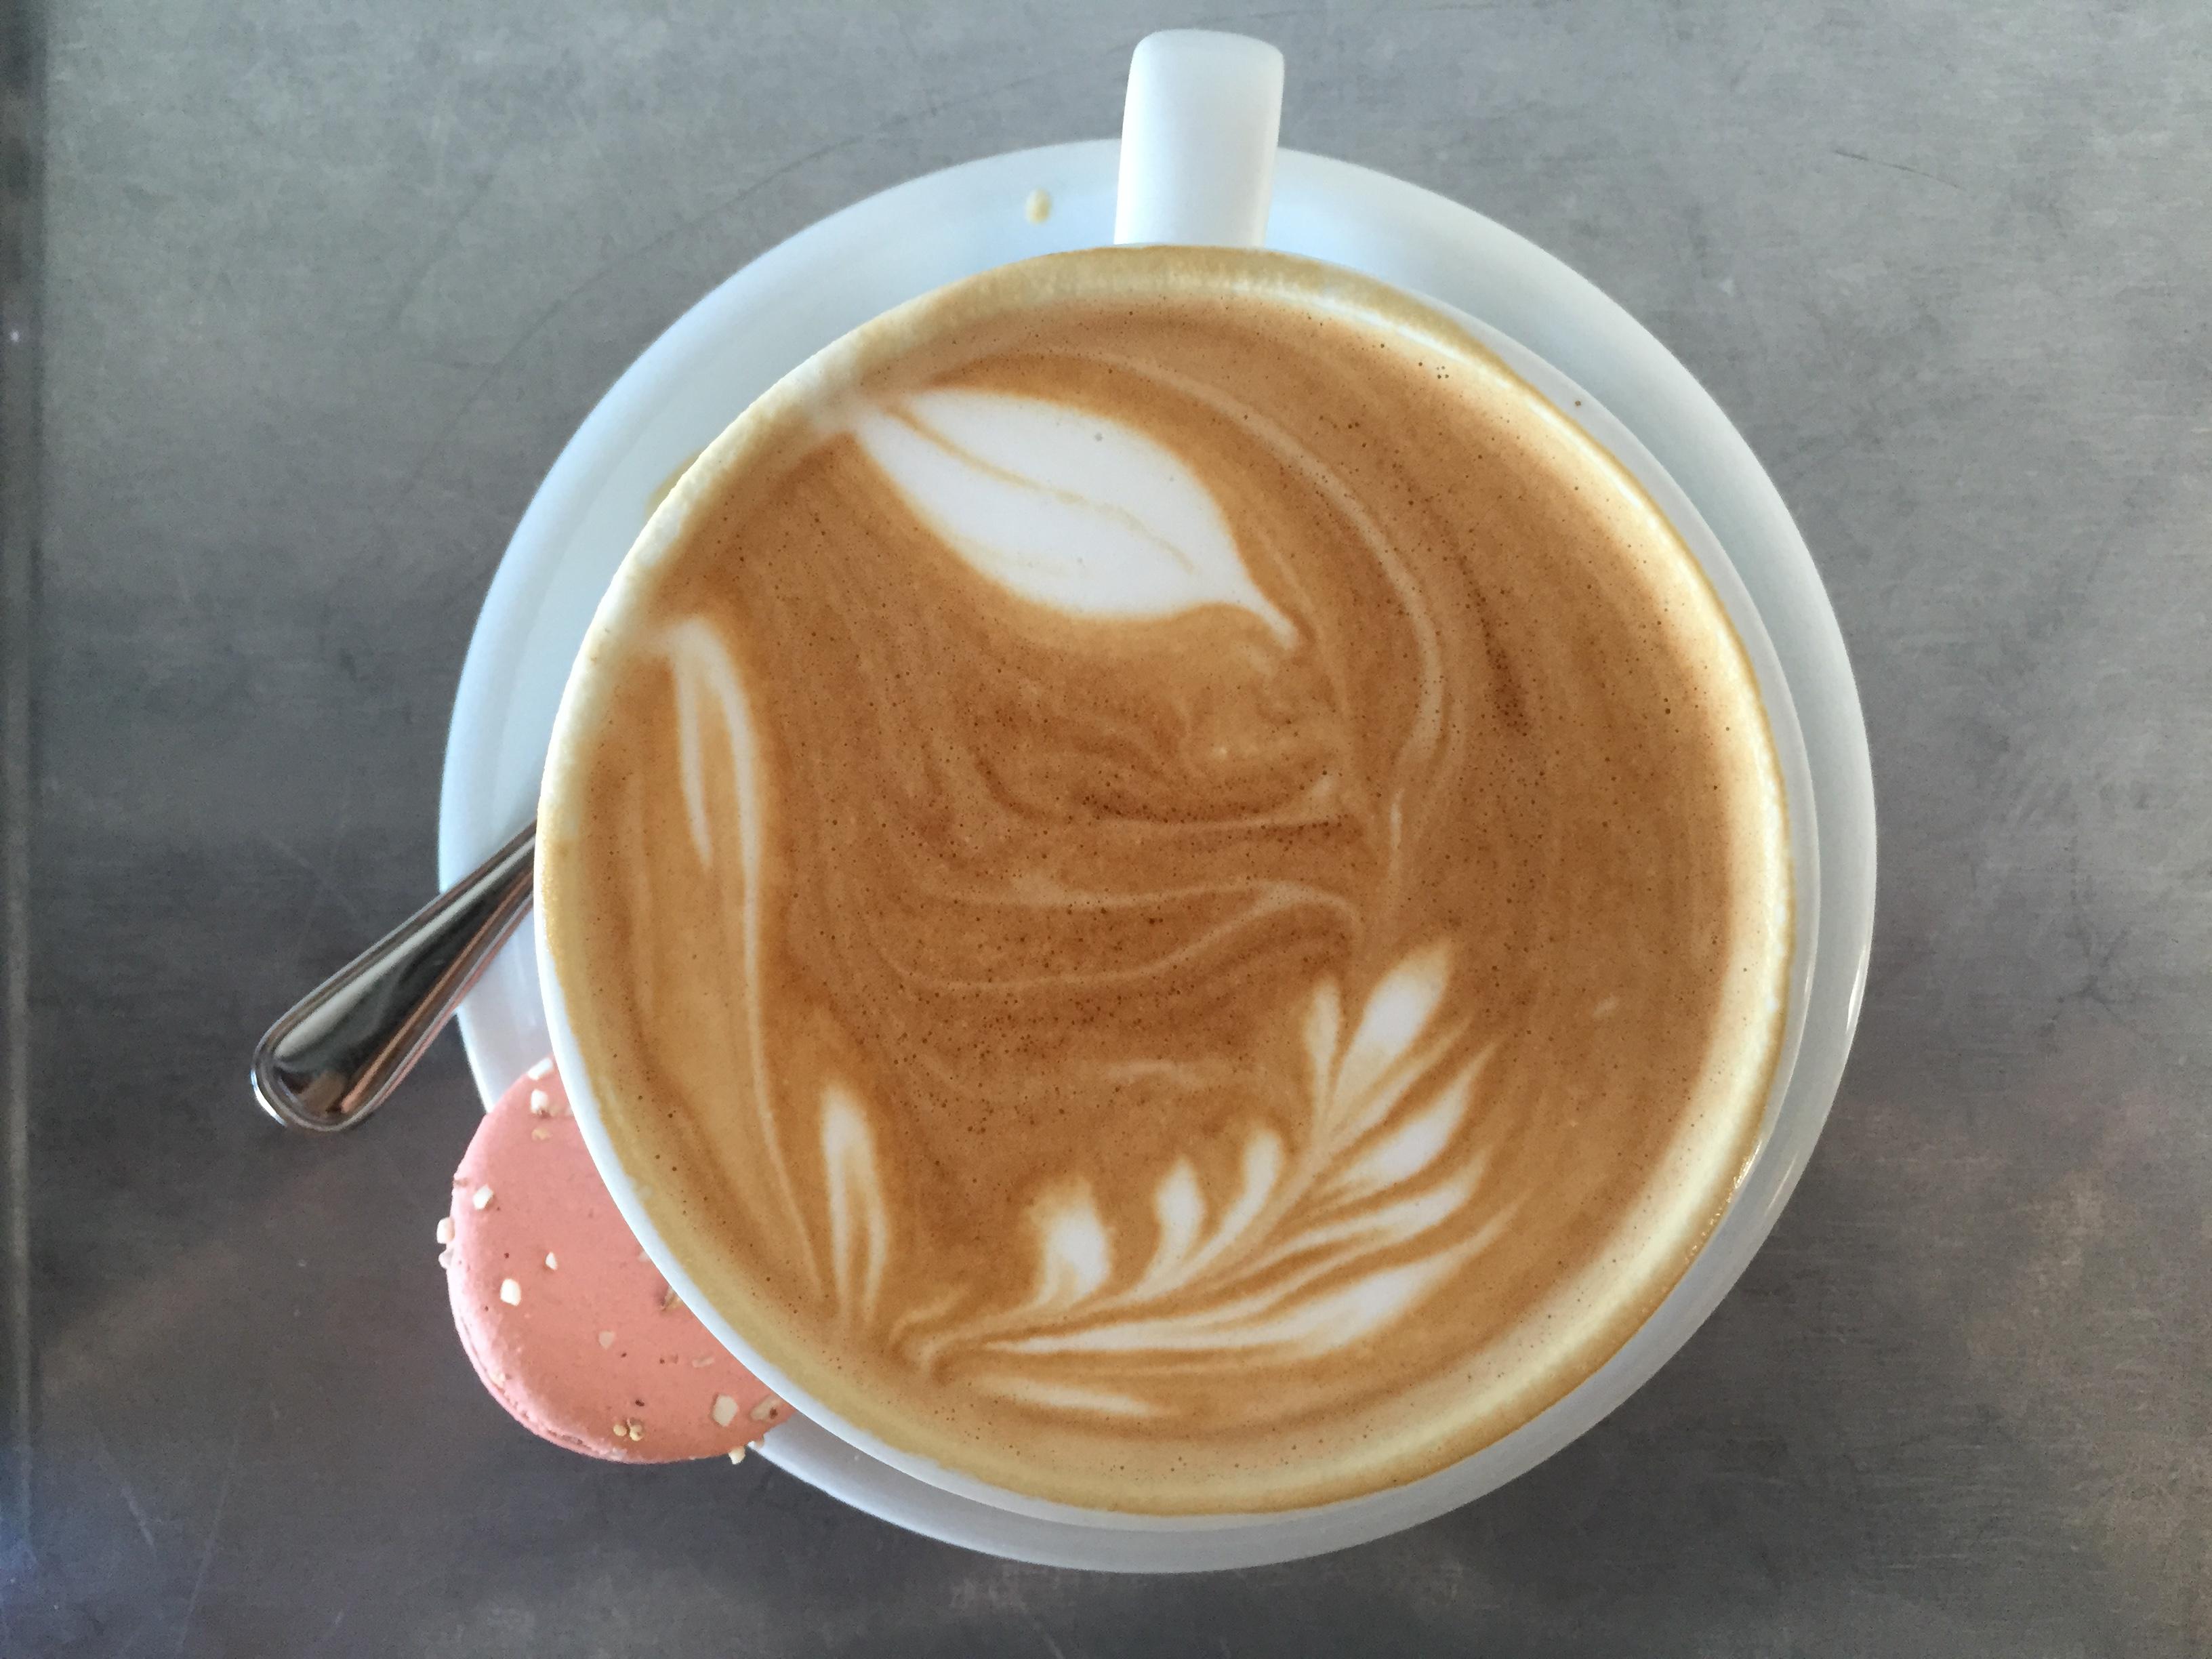 Caffe Luxxe | Santa Monica, CA